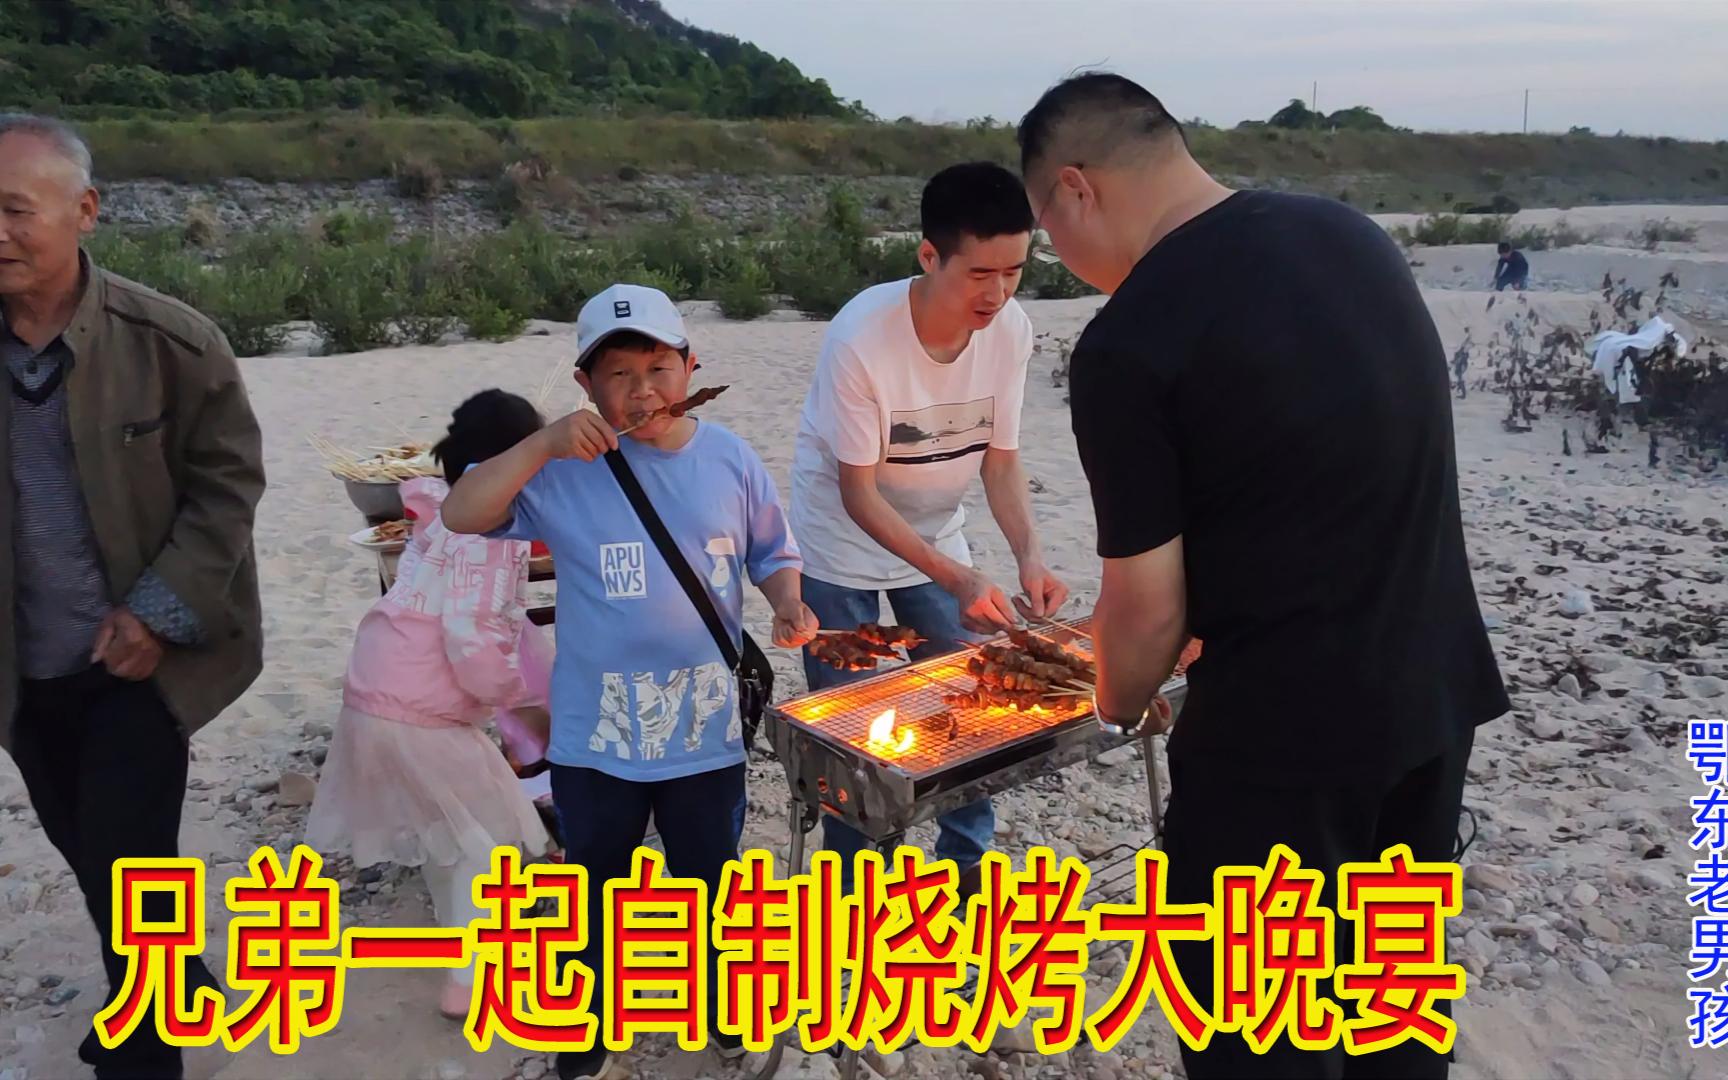 堂兄弟都放假回家团聚,老男孩带大家开启沙滩烧烤晚宴,真热闹